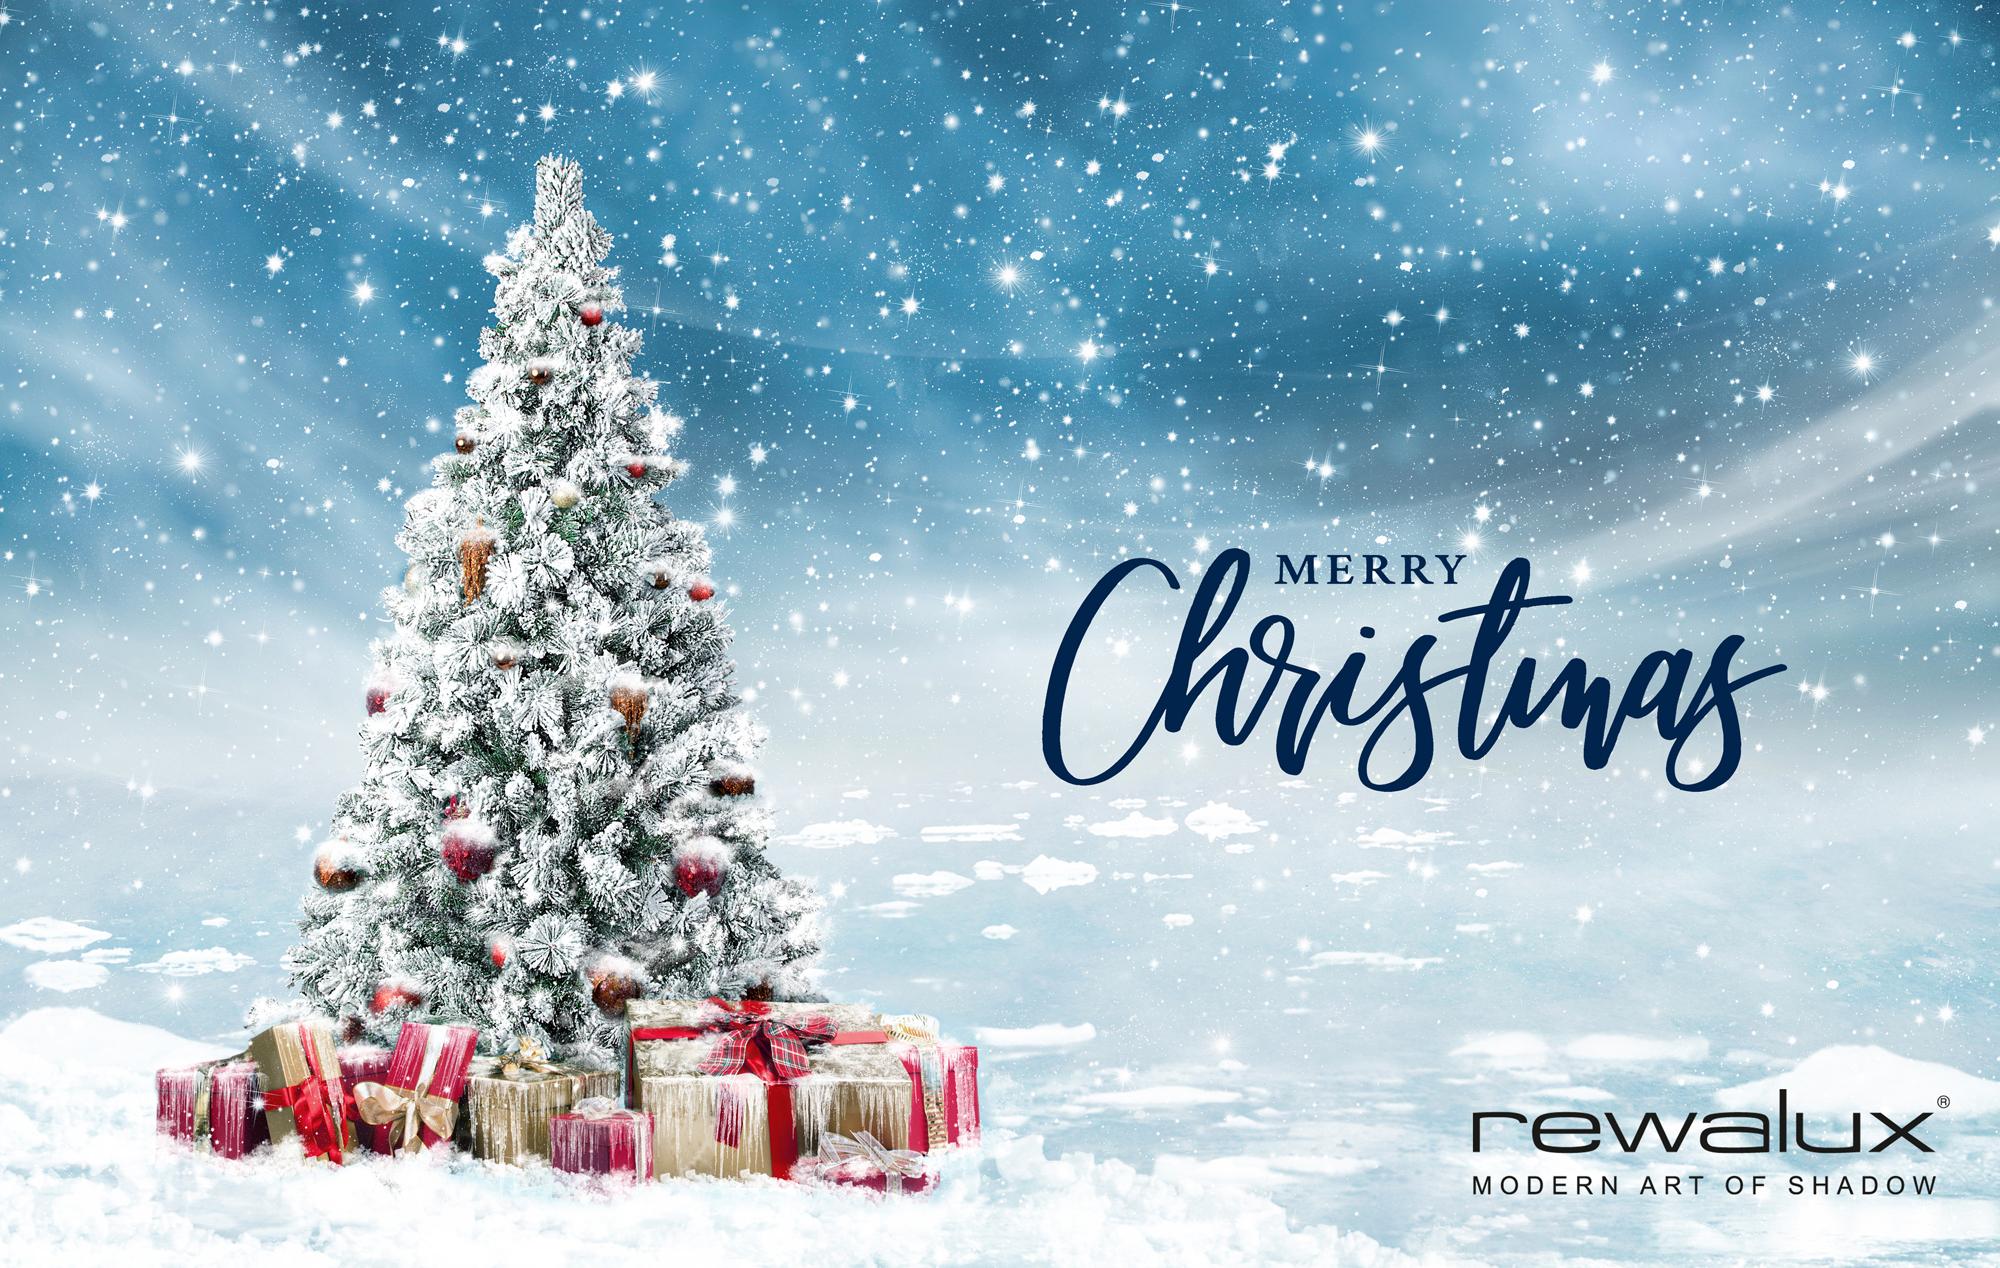 rewalux_Merry Christmas.jpg